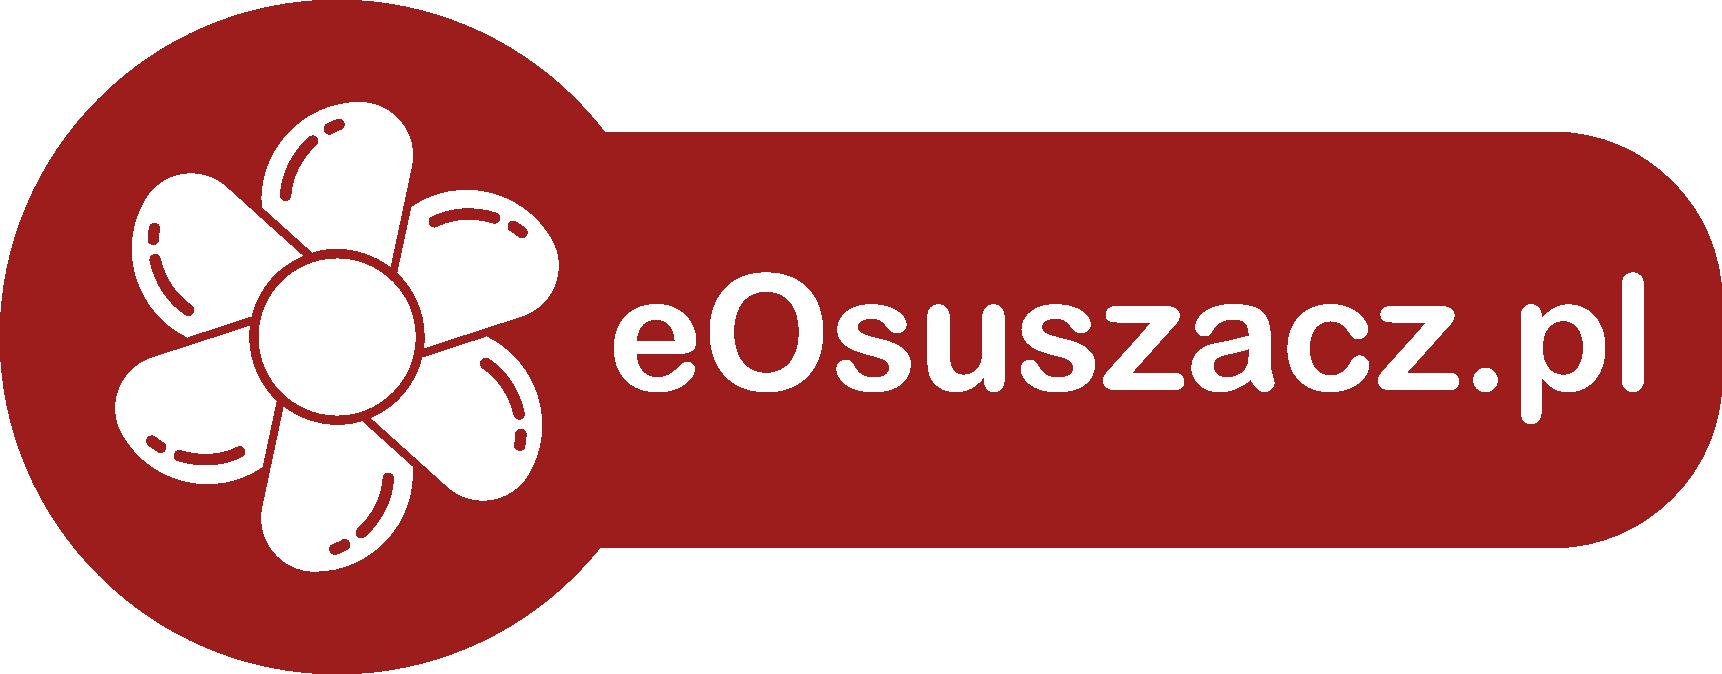 eOsuszacz.pl